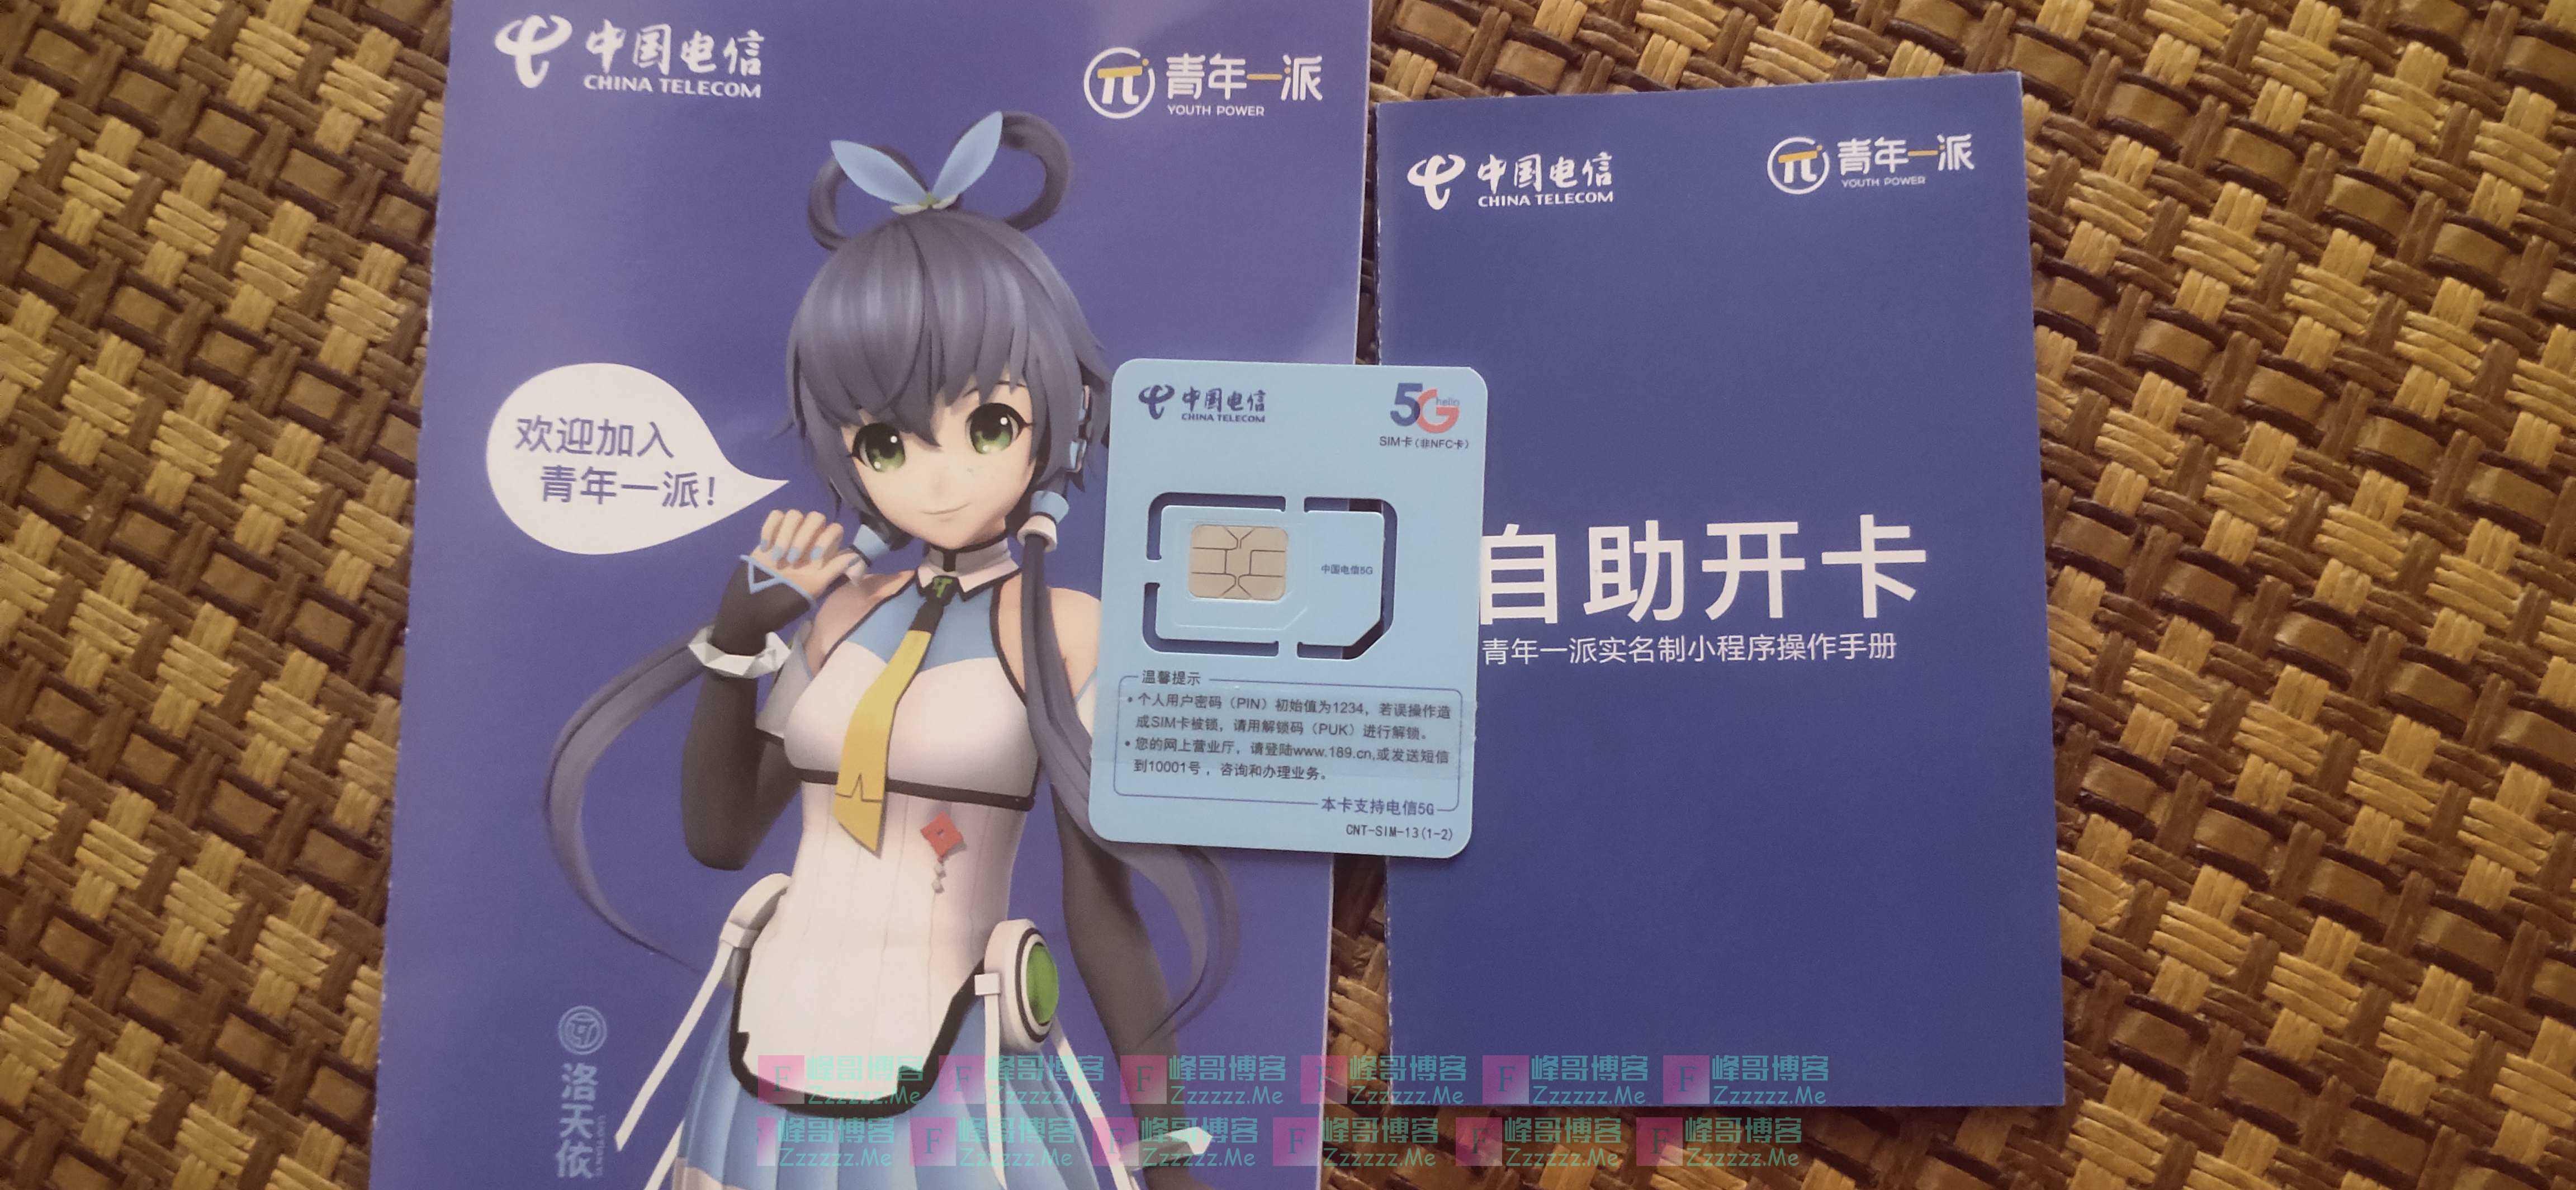 """中国电信""""π派卡"""" 最新0月租电信手机卡 不限地区申请"""